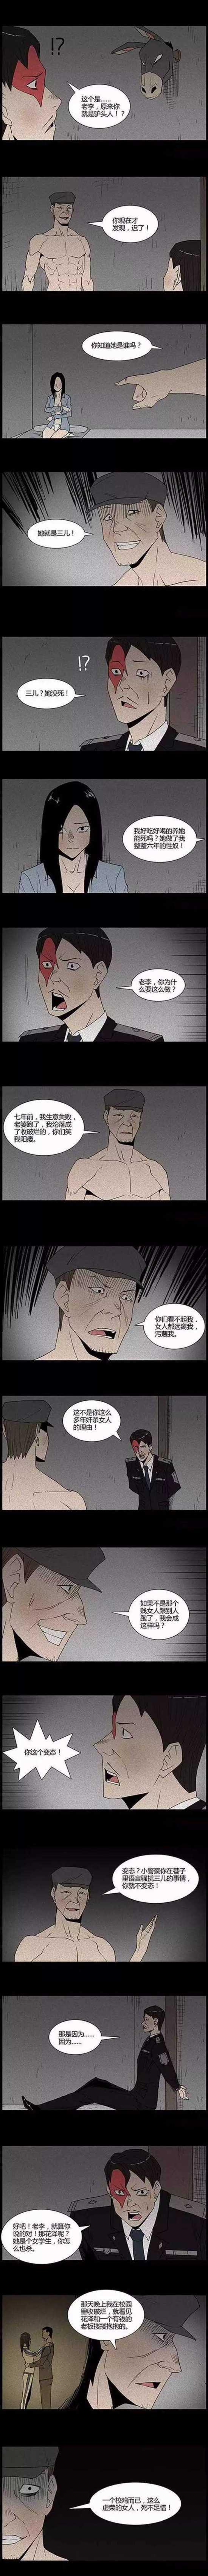 恐怖漫画《驴头人》图片